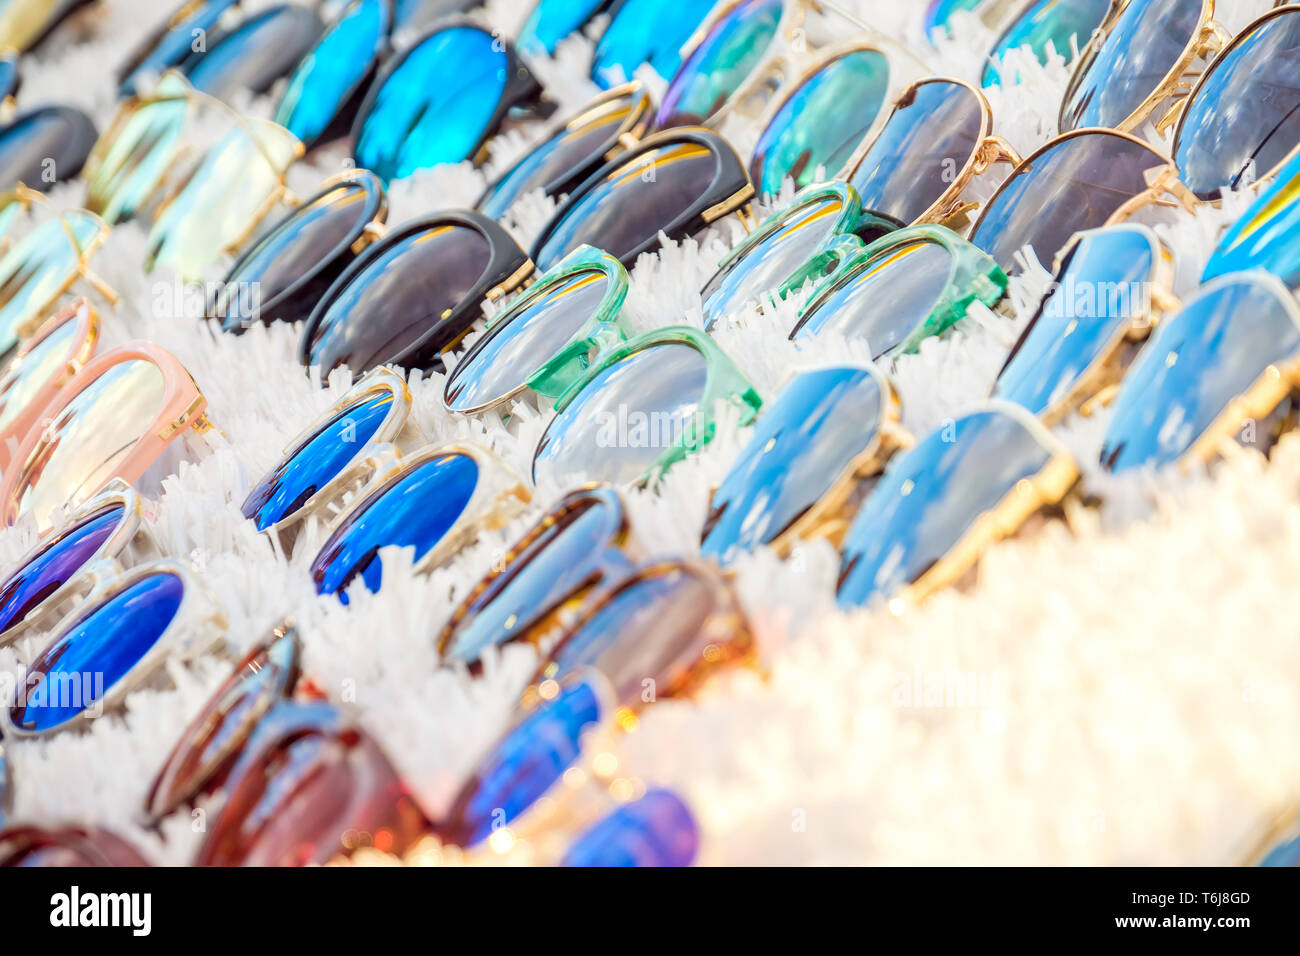 38bff14fd4 Colorida variedad de gafas baratas aparece en el mercado para la venta de  calado Imagen De